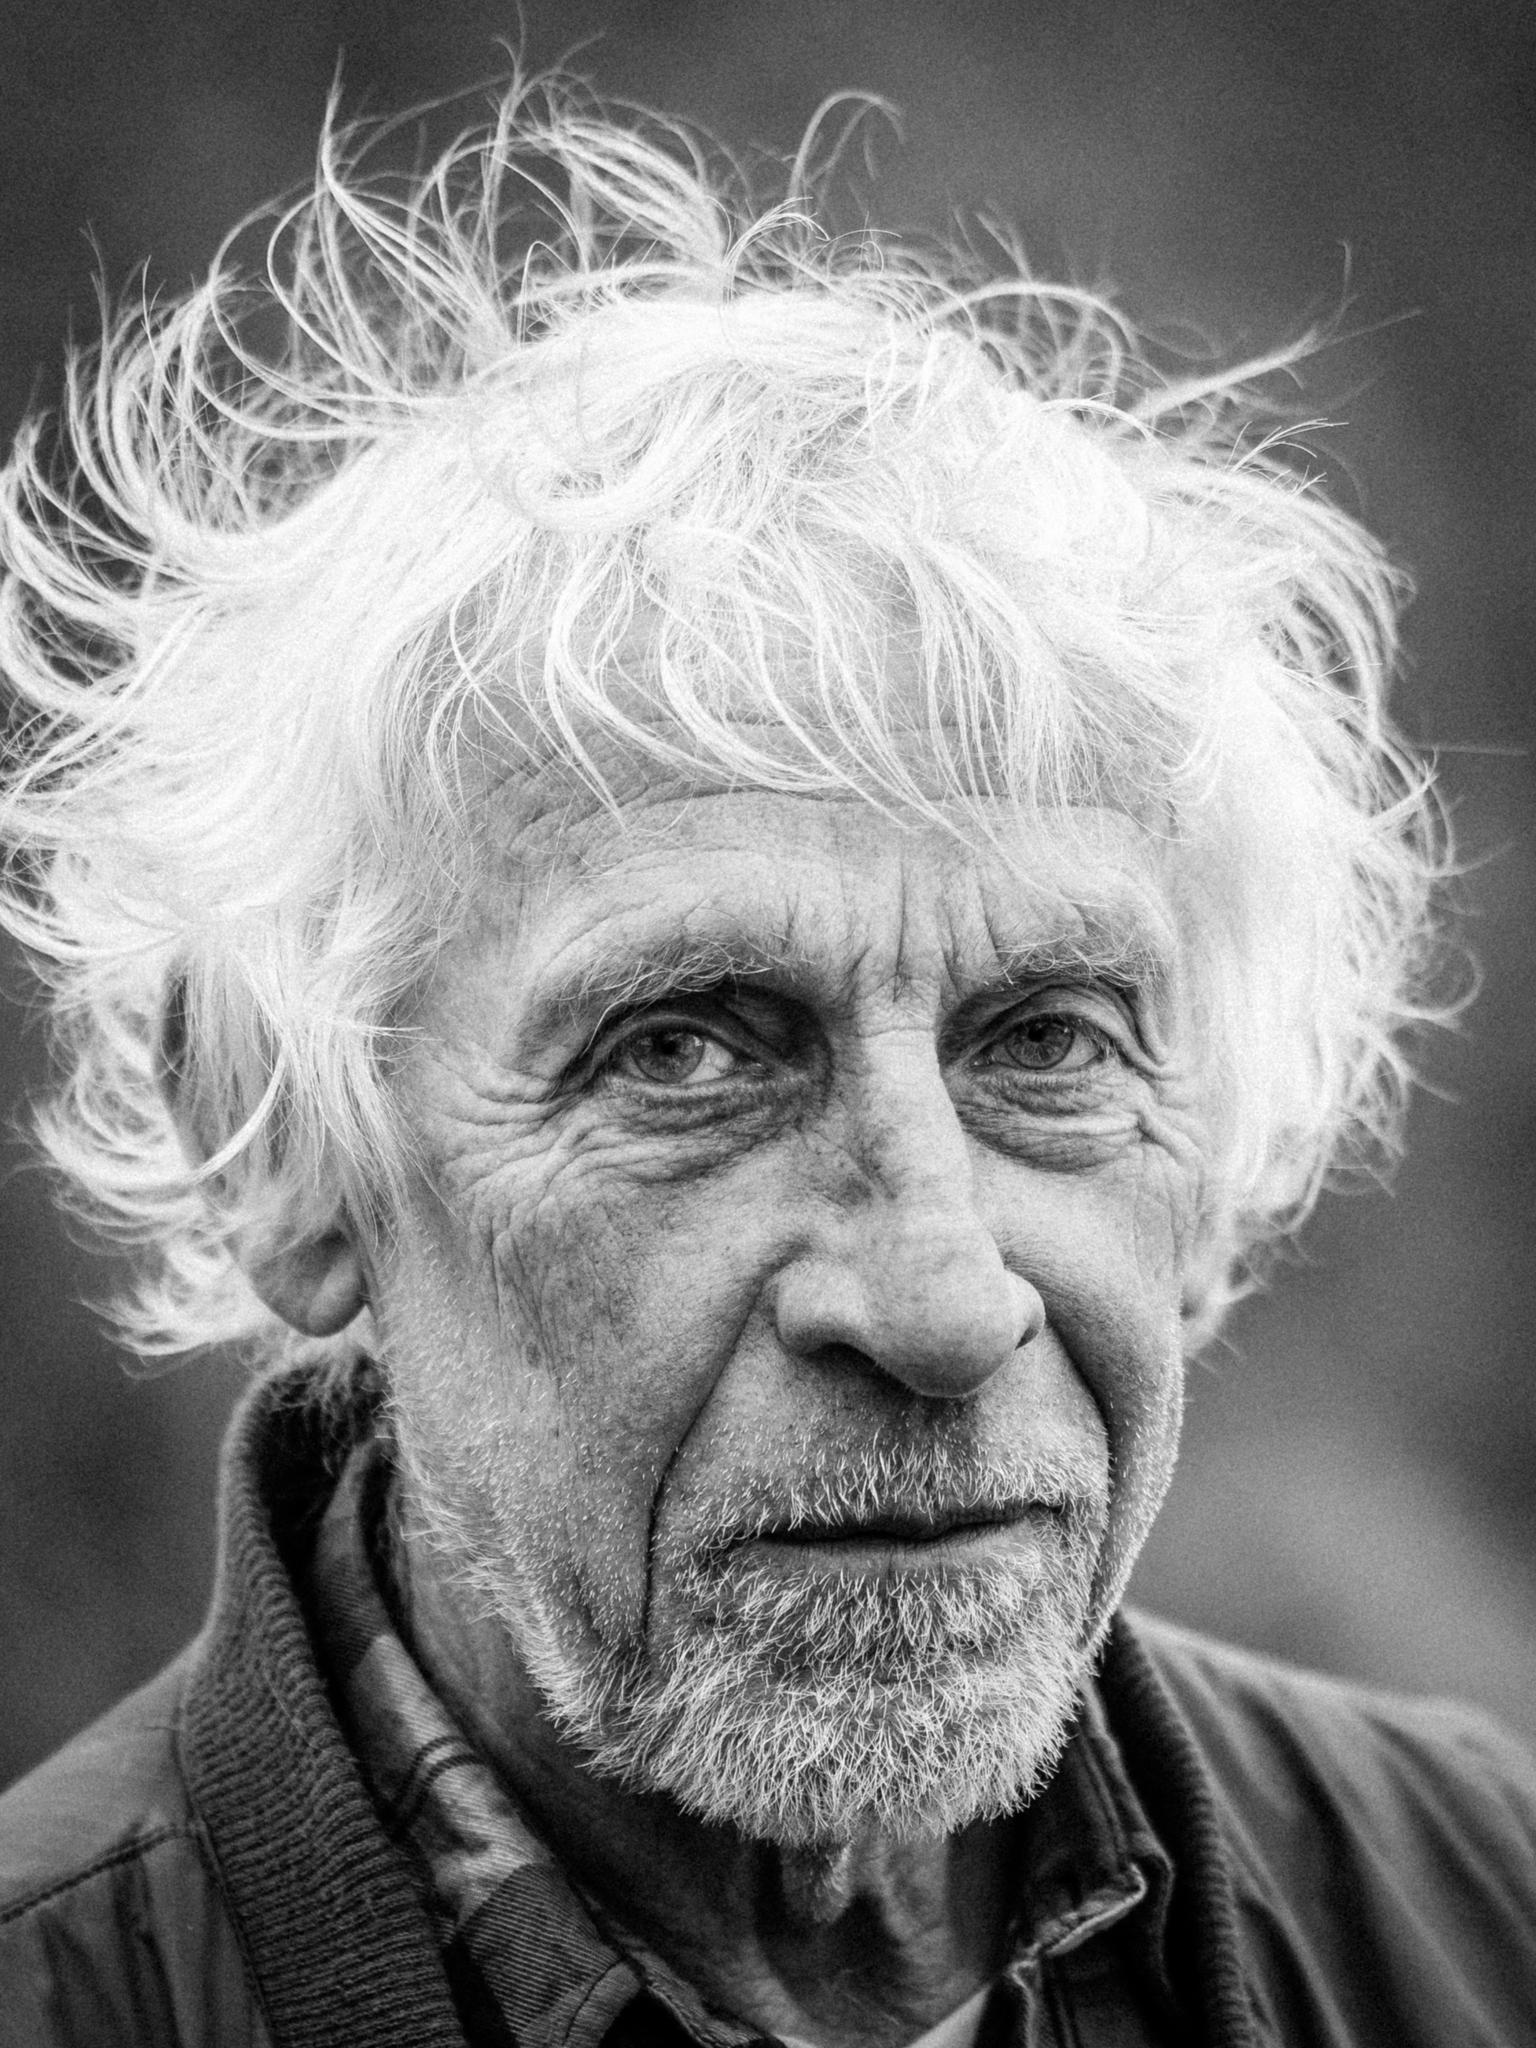 Portret - In Coranatijd kun je niet naar de kapper - foto door JanvanLeeuwe op 15-04-2021 - locatie: Busch en Dam, 1911 Uitgeest, Nederland - deze foto bevat: zw, portret, neus, kin, fotograaf, zwart, kaak, baard, stijl, rimpel, gezichtshaar, monochroom